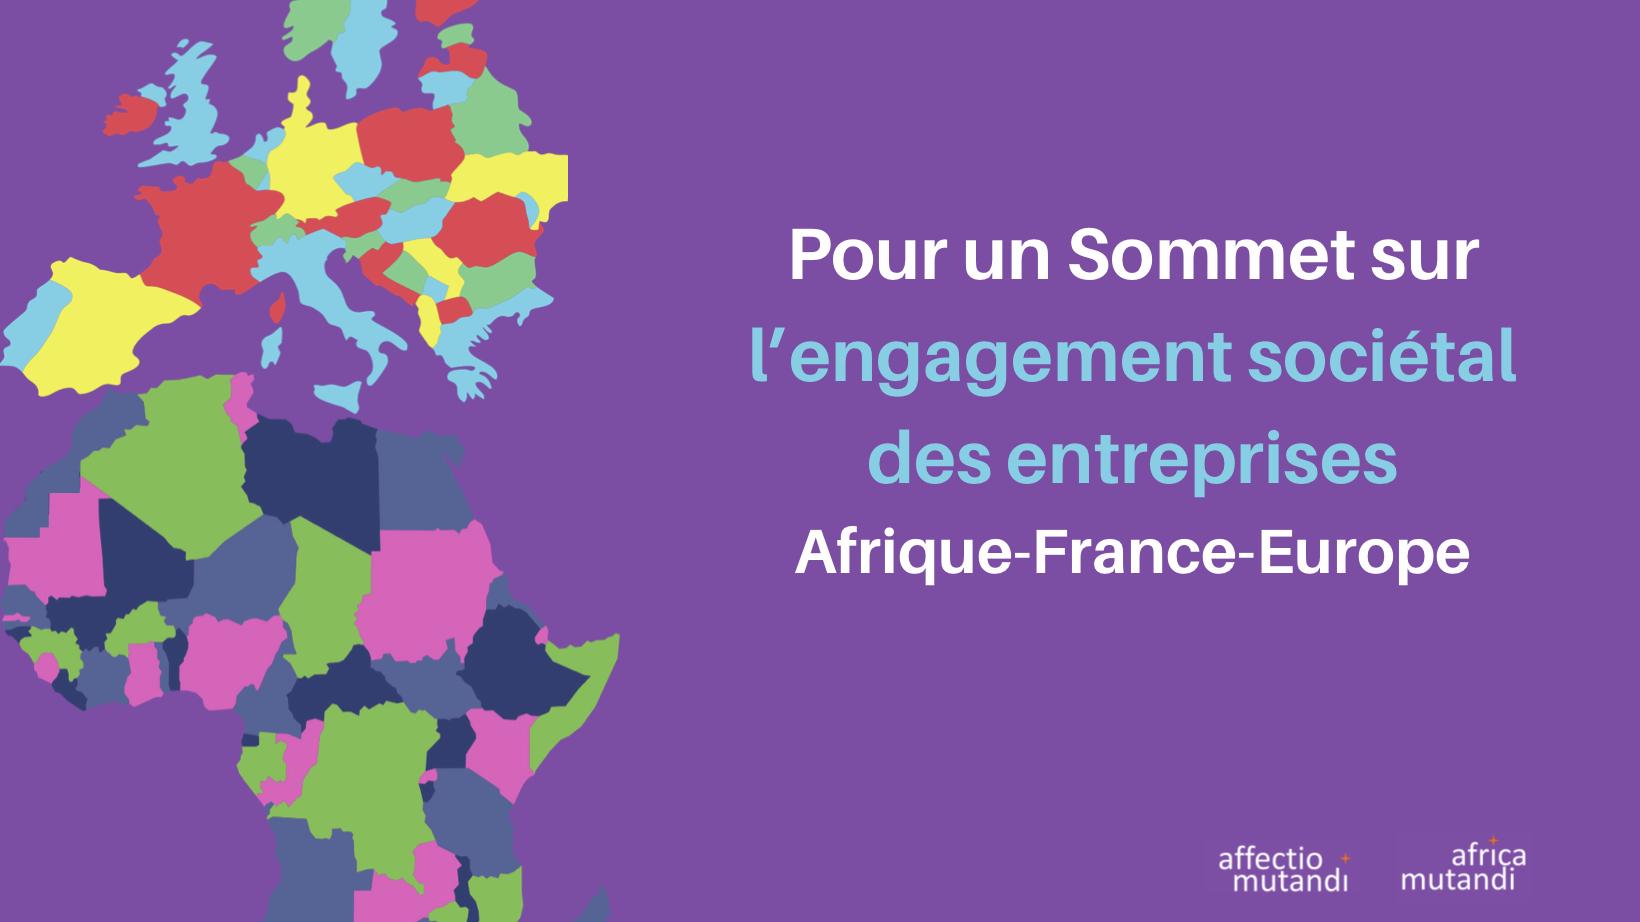 Sommet sur l'Engagement Sociétal des Entreprises des deux continents